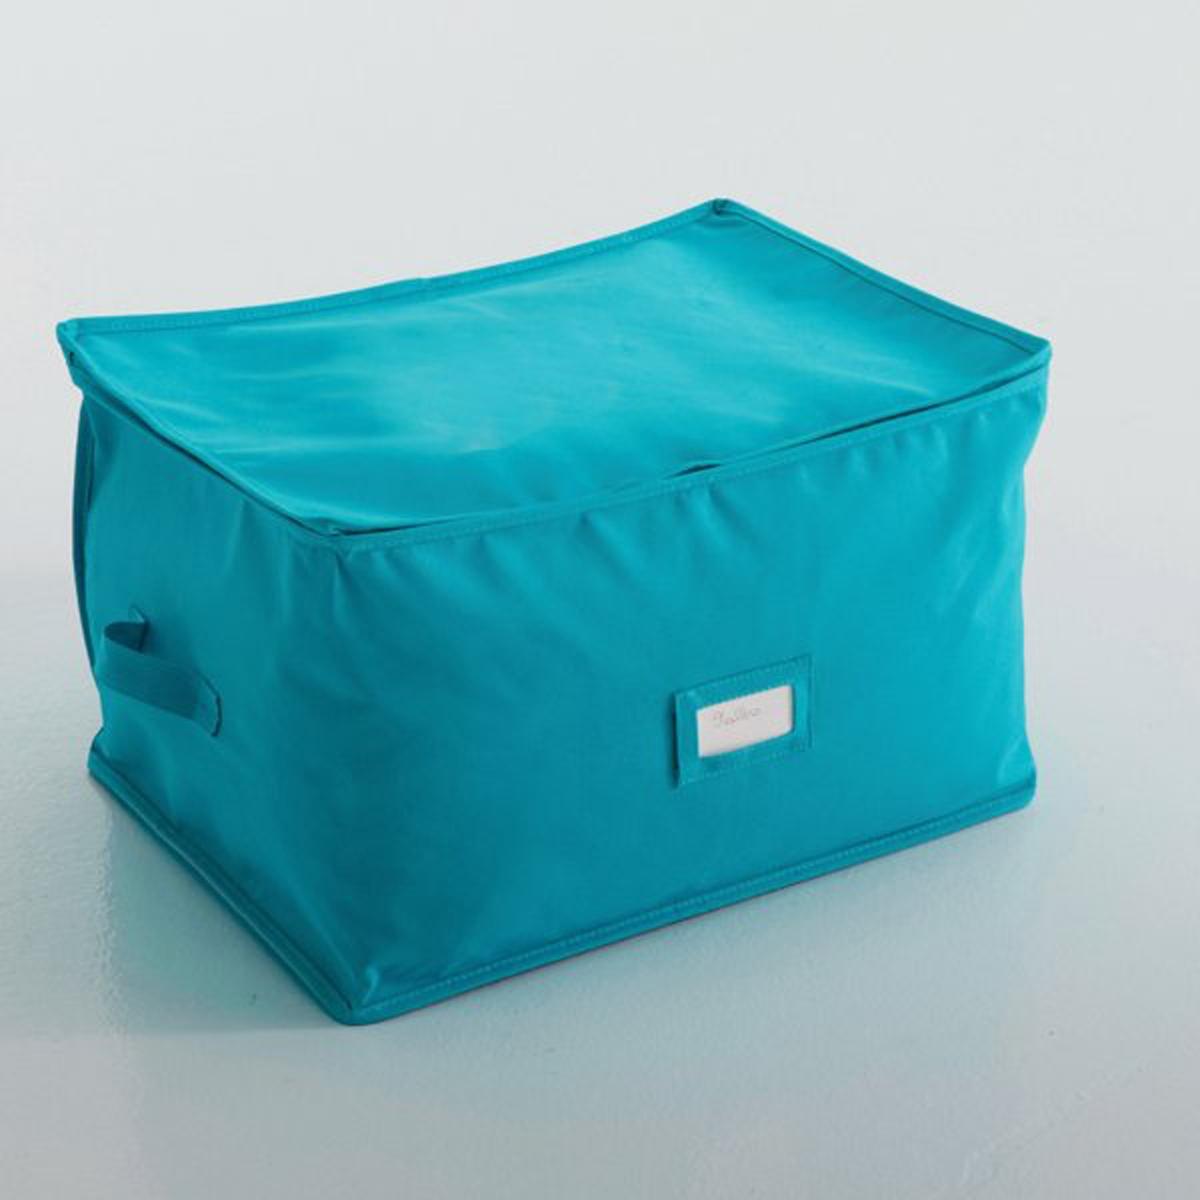 Чехол для хранения, Ш.47 x В.37 x Г.30 смЧехол для хранения. Идеален для хранения одеял, покрывал и подушек. Легко убирается под кровать или под шкаф. Характеристики чехла для хранения:полиэстер 290 г/м?.Ручки для переноски и место для бирки. Размеры чехла для хранения: Ш.47 x В.37 x Г.30 см.<br><br>Цвет: бирюзовый,розовый,серо-коричневый каштан,серый